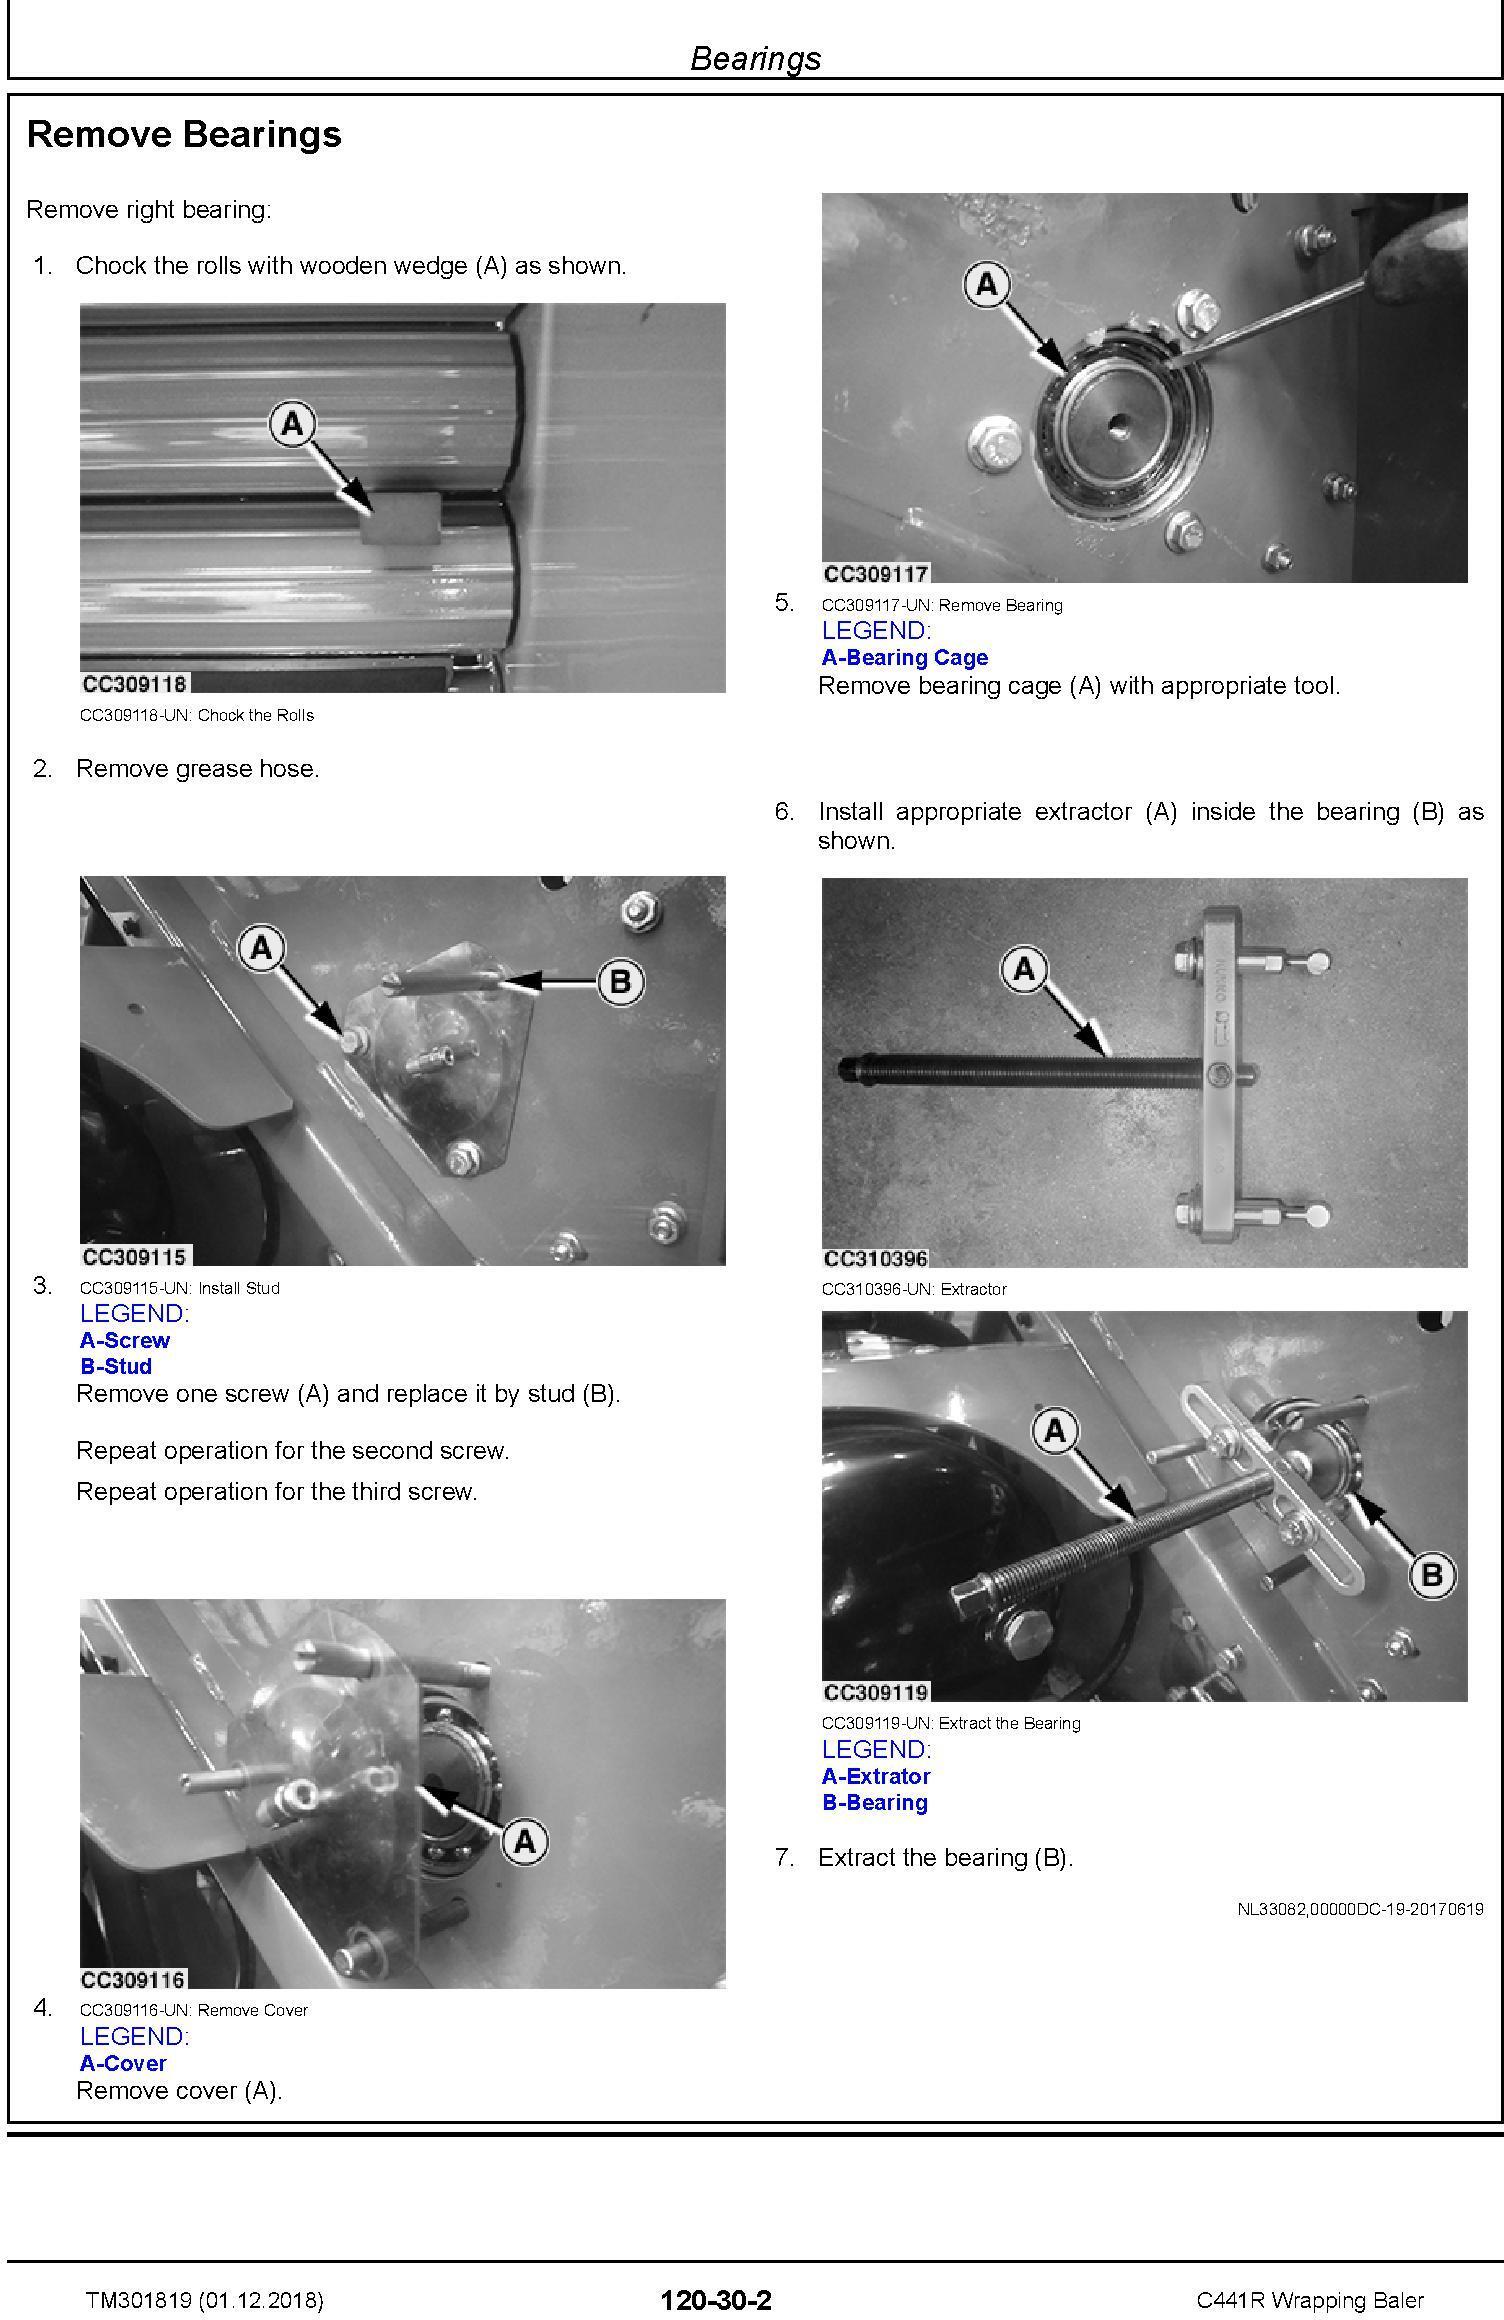 John Deere C441R Wrapping Baler Service Repair Technical Manual (TM301819) - 3